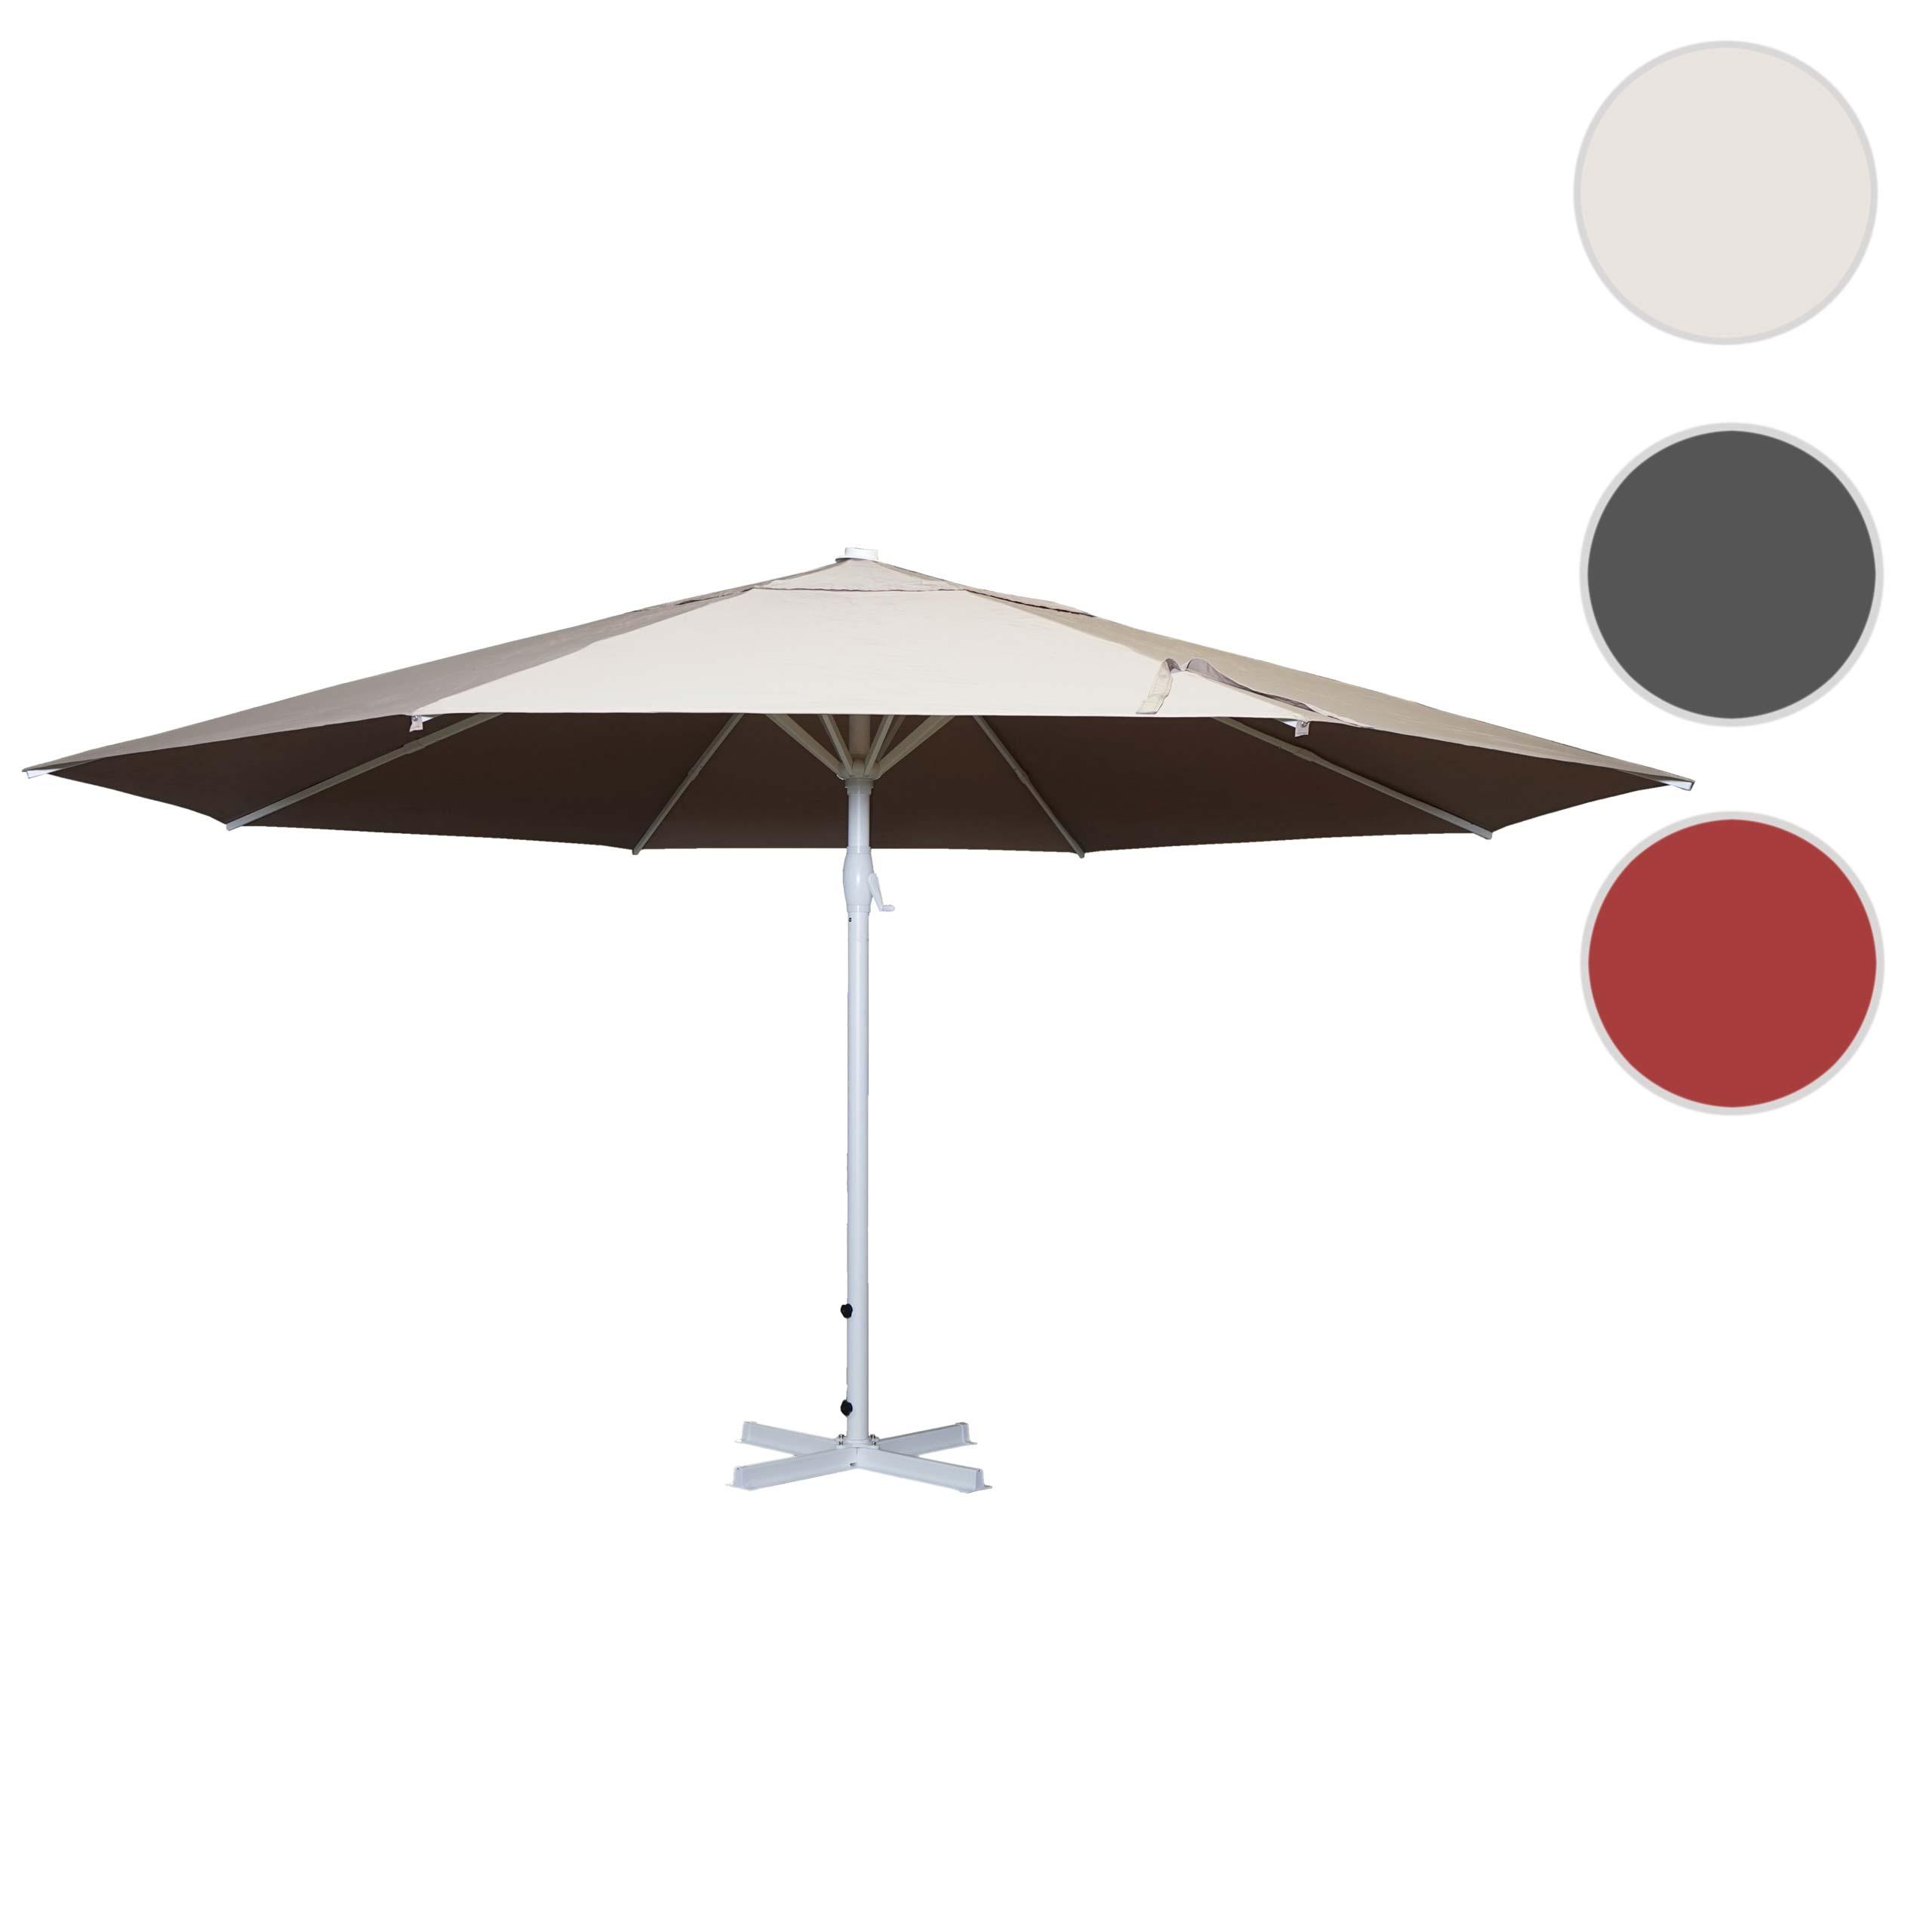 Mendler Sonnenschirm Meran II, Gastronomie Marktschirm, Ř 5m Polyester/Alu Mast weiß 28kg ~ Variantenangebot 70739